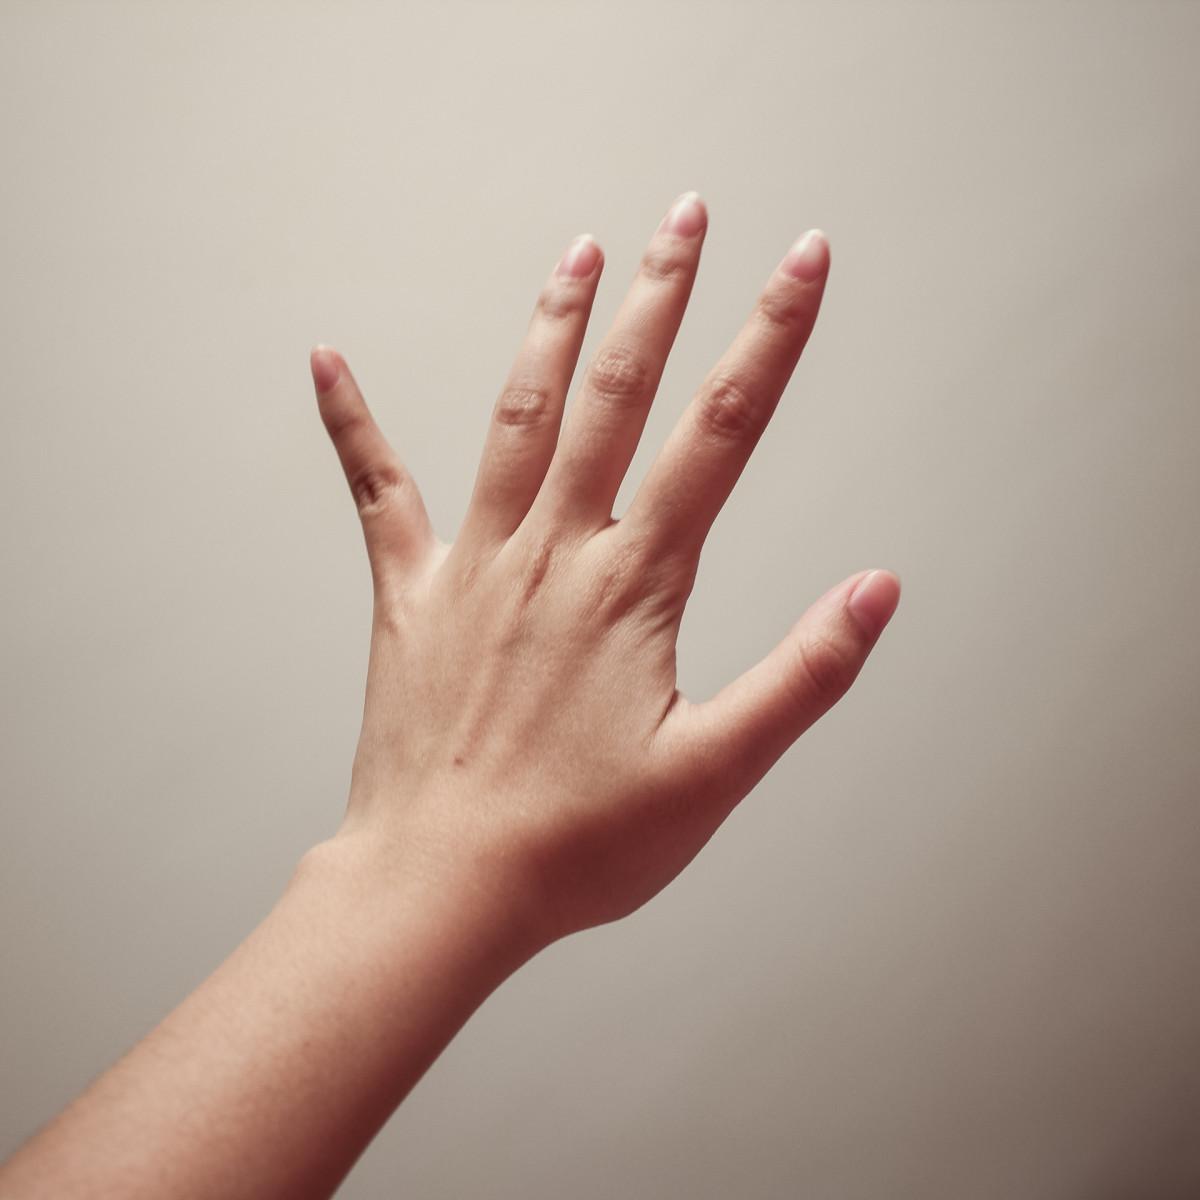 минусы утепления картинки руки кривые цвет